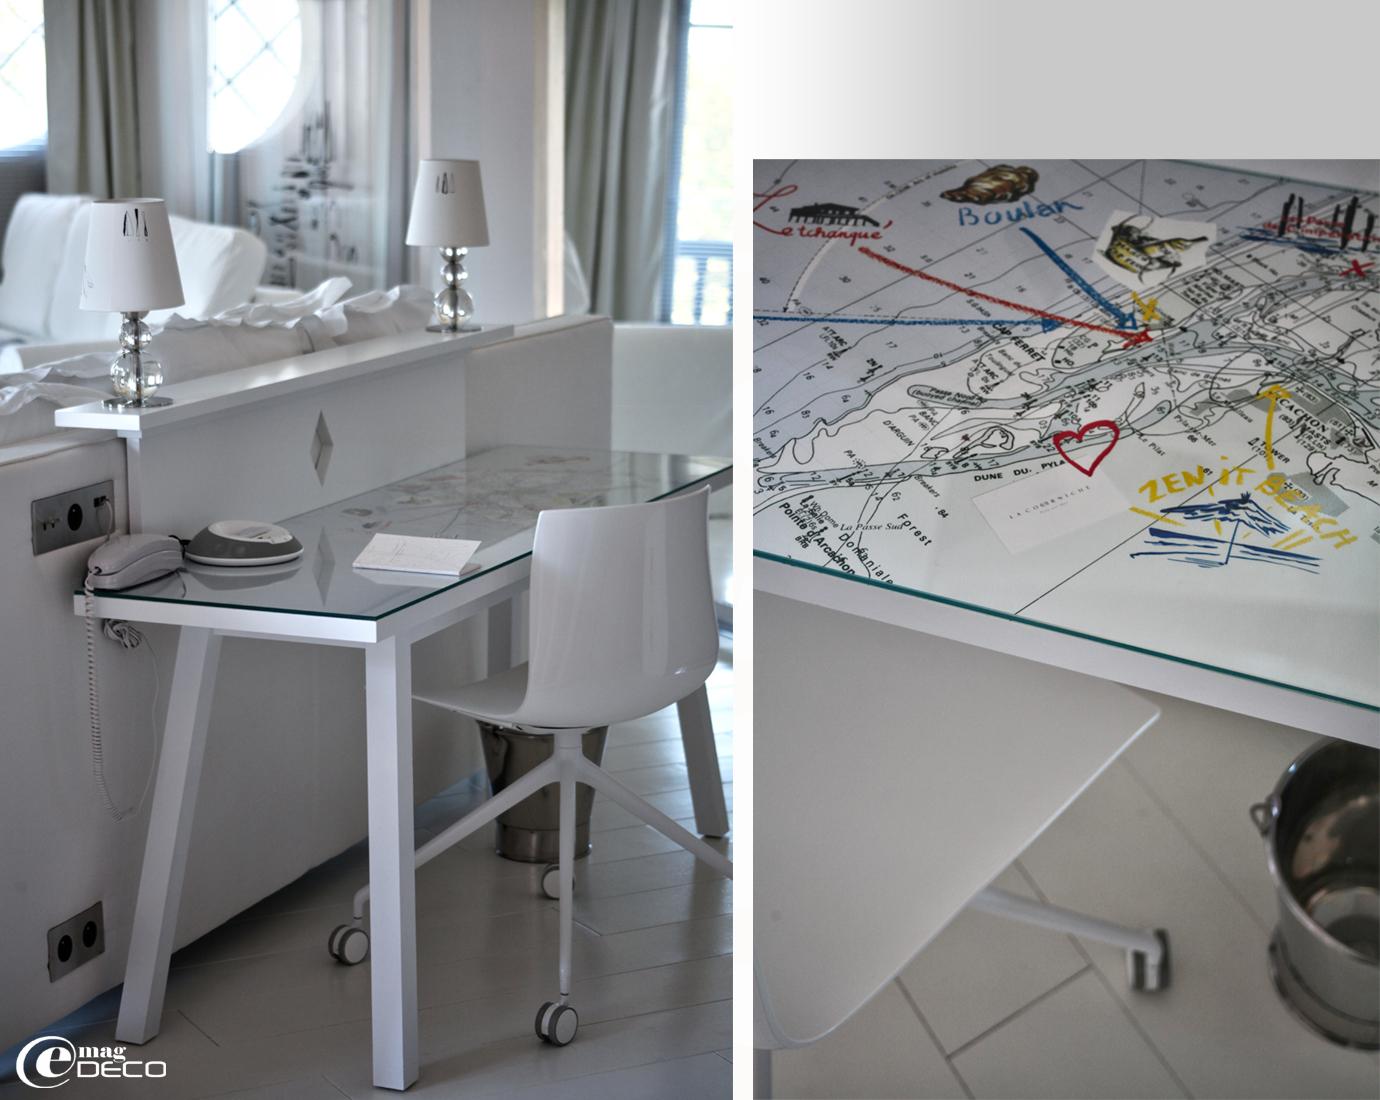 Ingénieuse tête de lit immaginée par Philippe Starck pour La Co(o)rniche